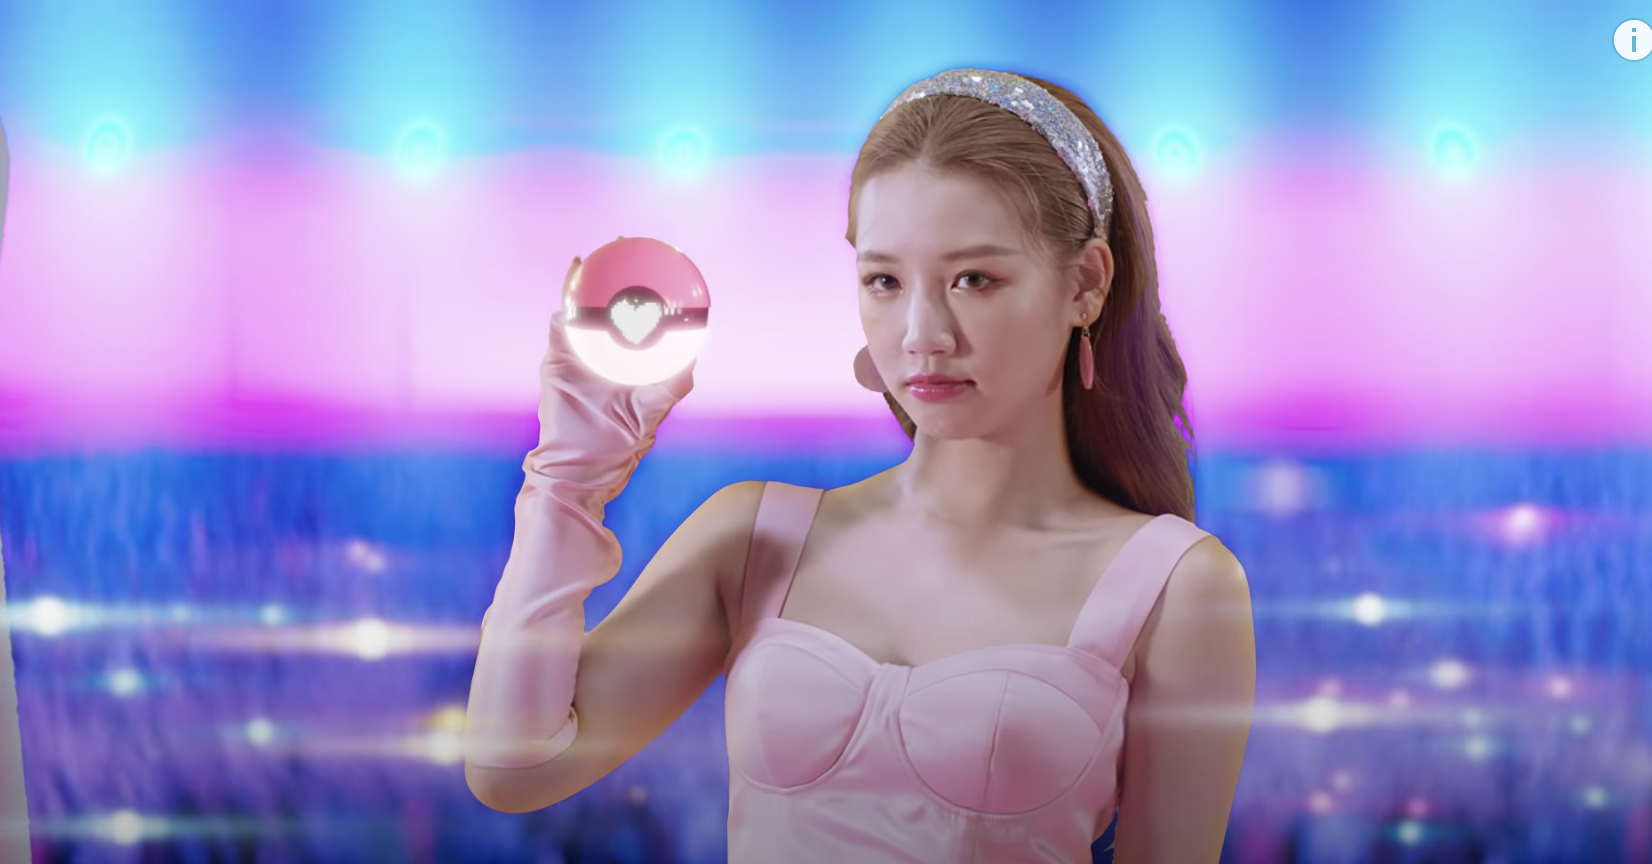 Amee hóa thân thành nhiều nhân vật game trong MV mới - Ảnh 1.